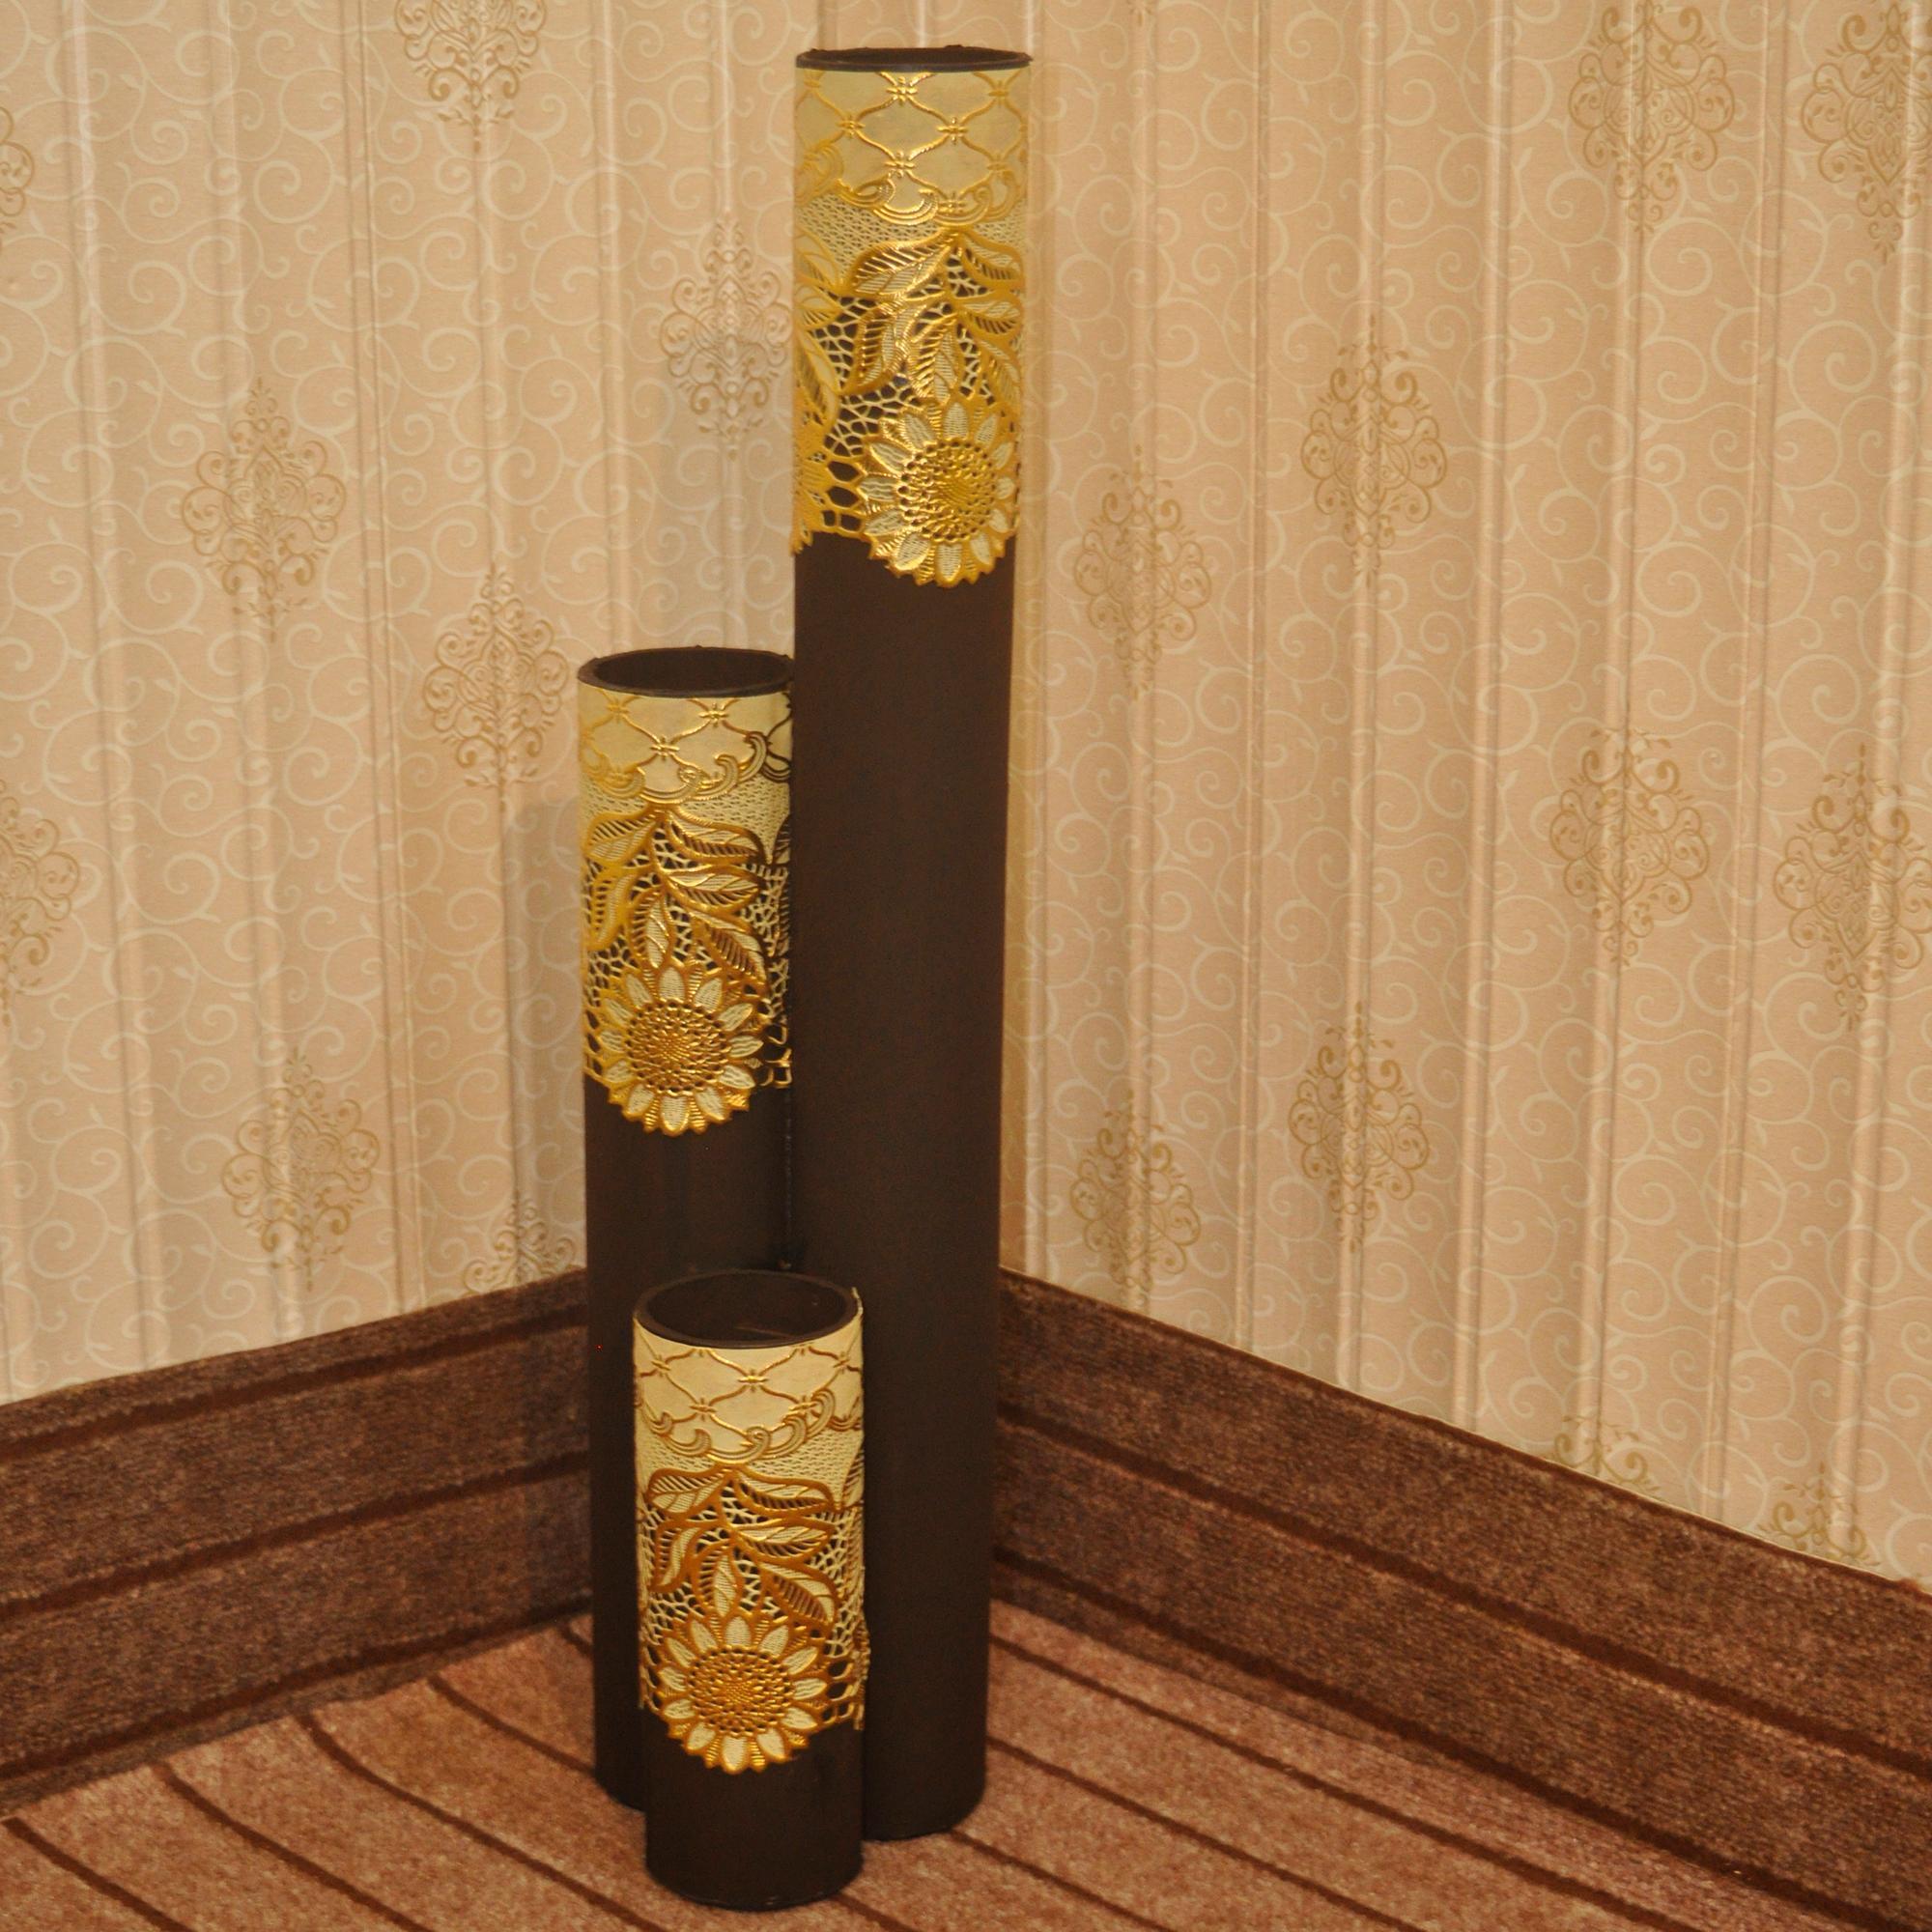 Flower Vase - Floral - 76cm Height